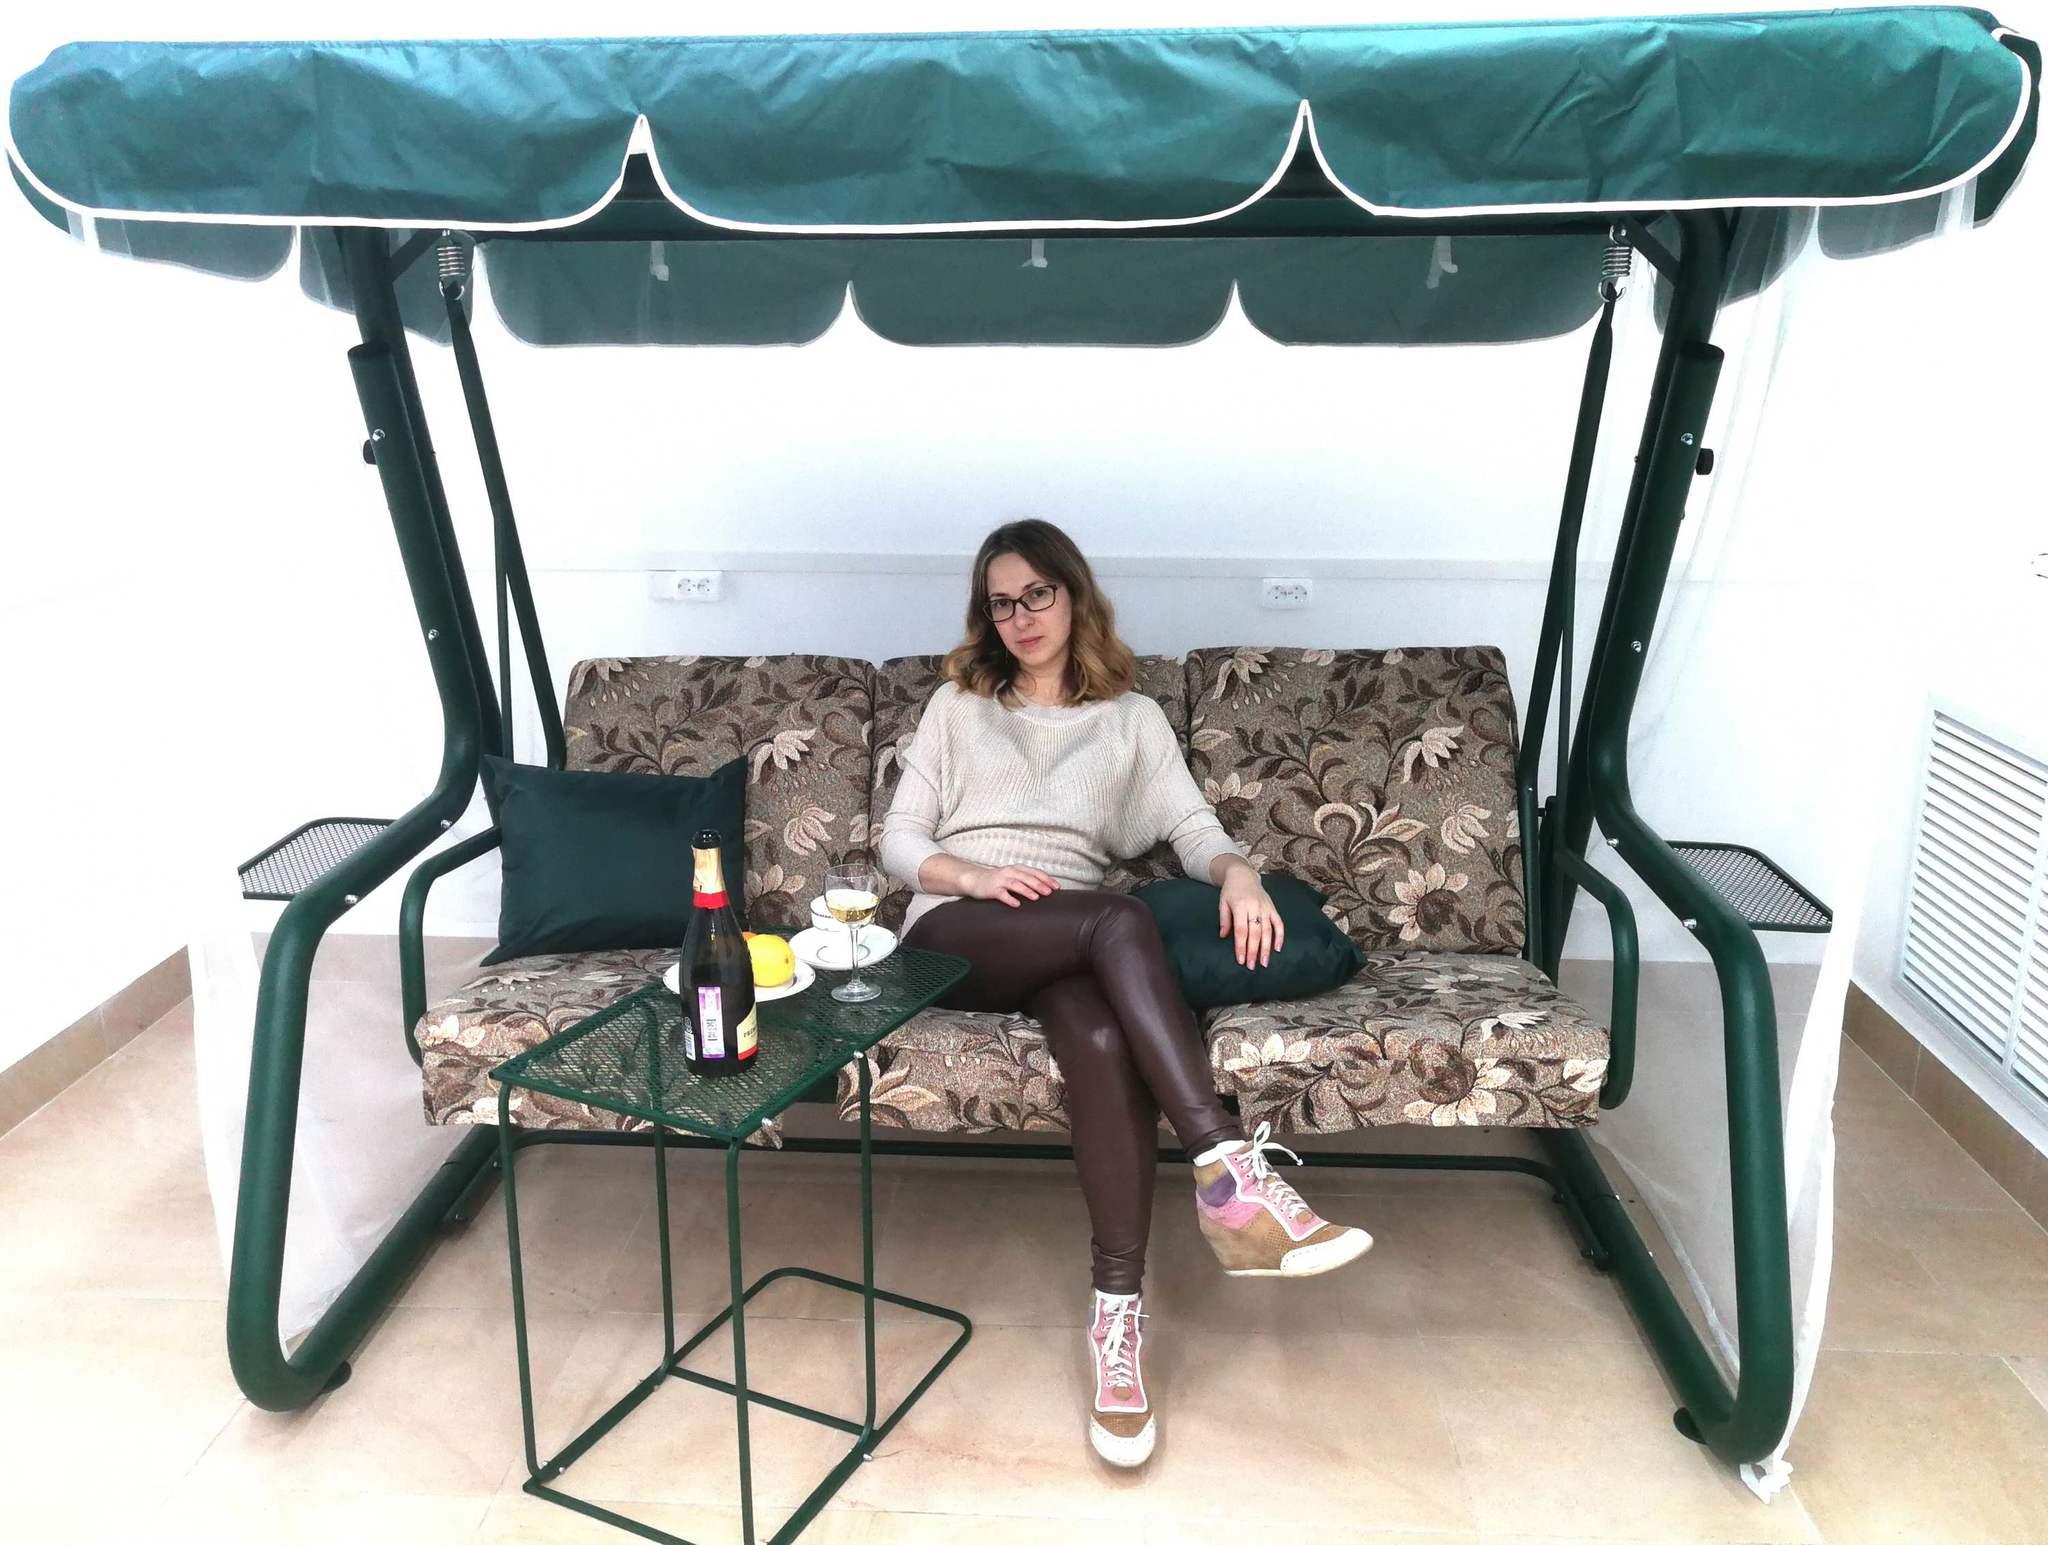 Элит Пикник - уникальный столик